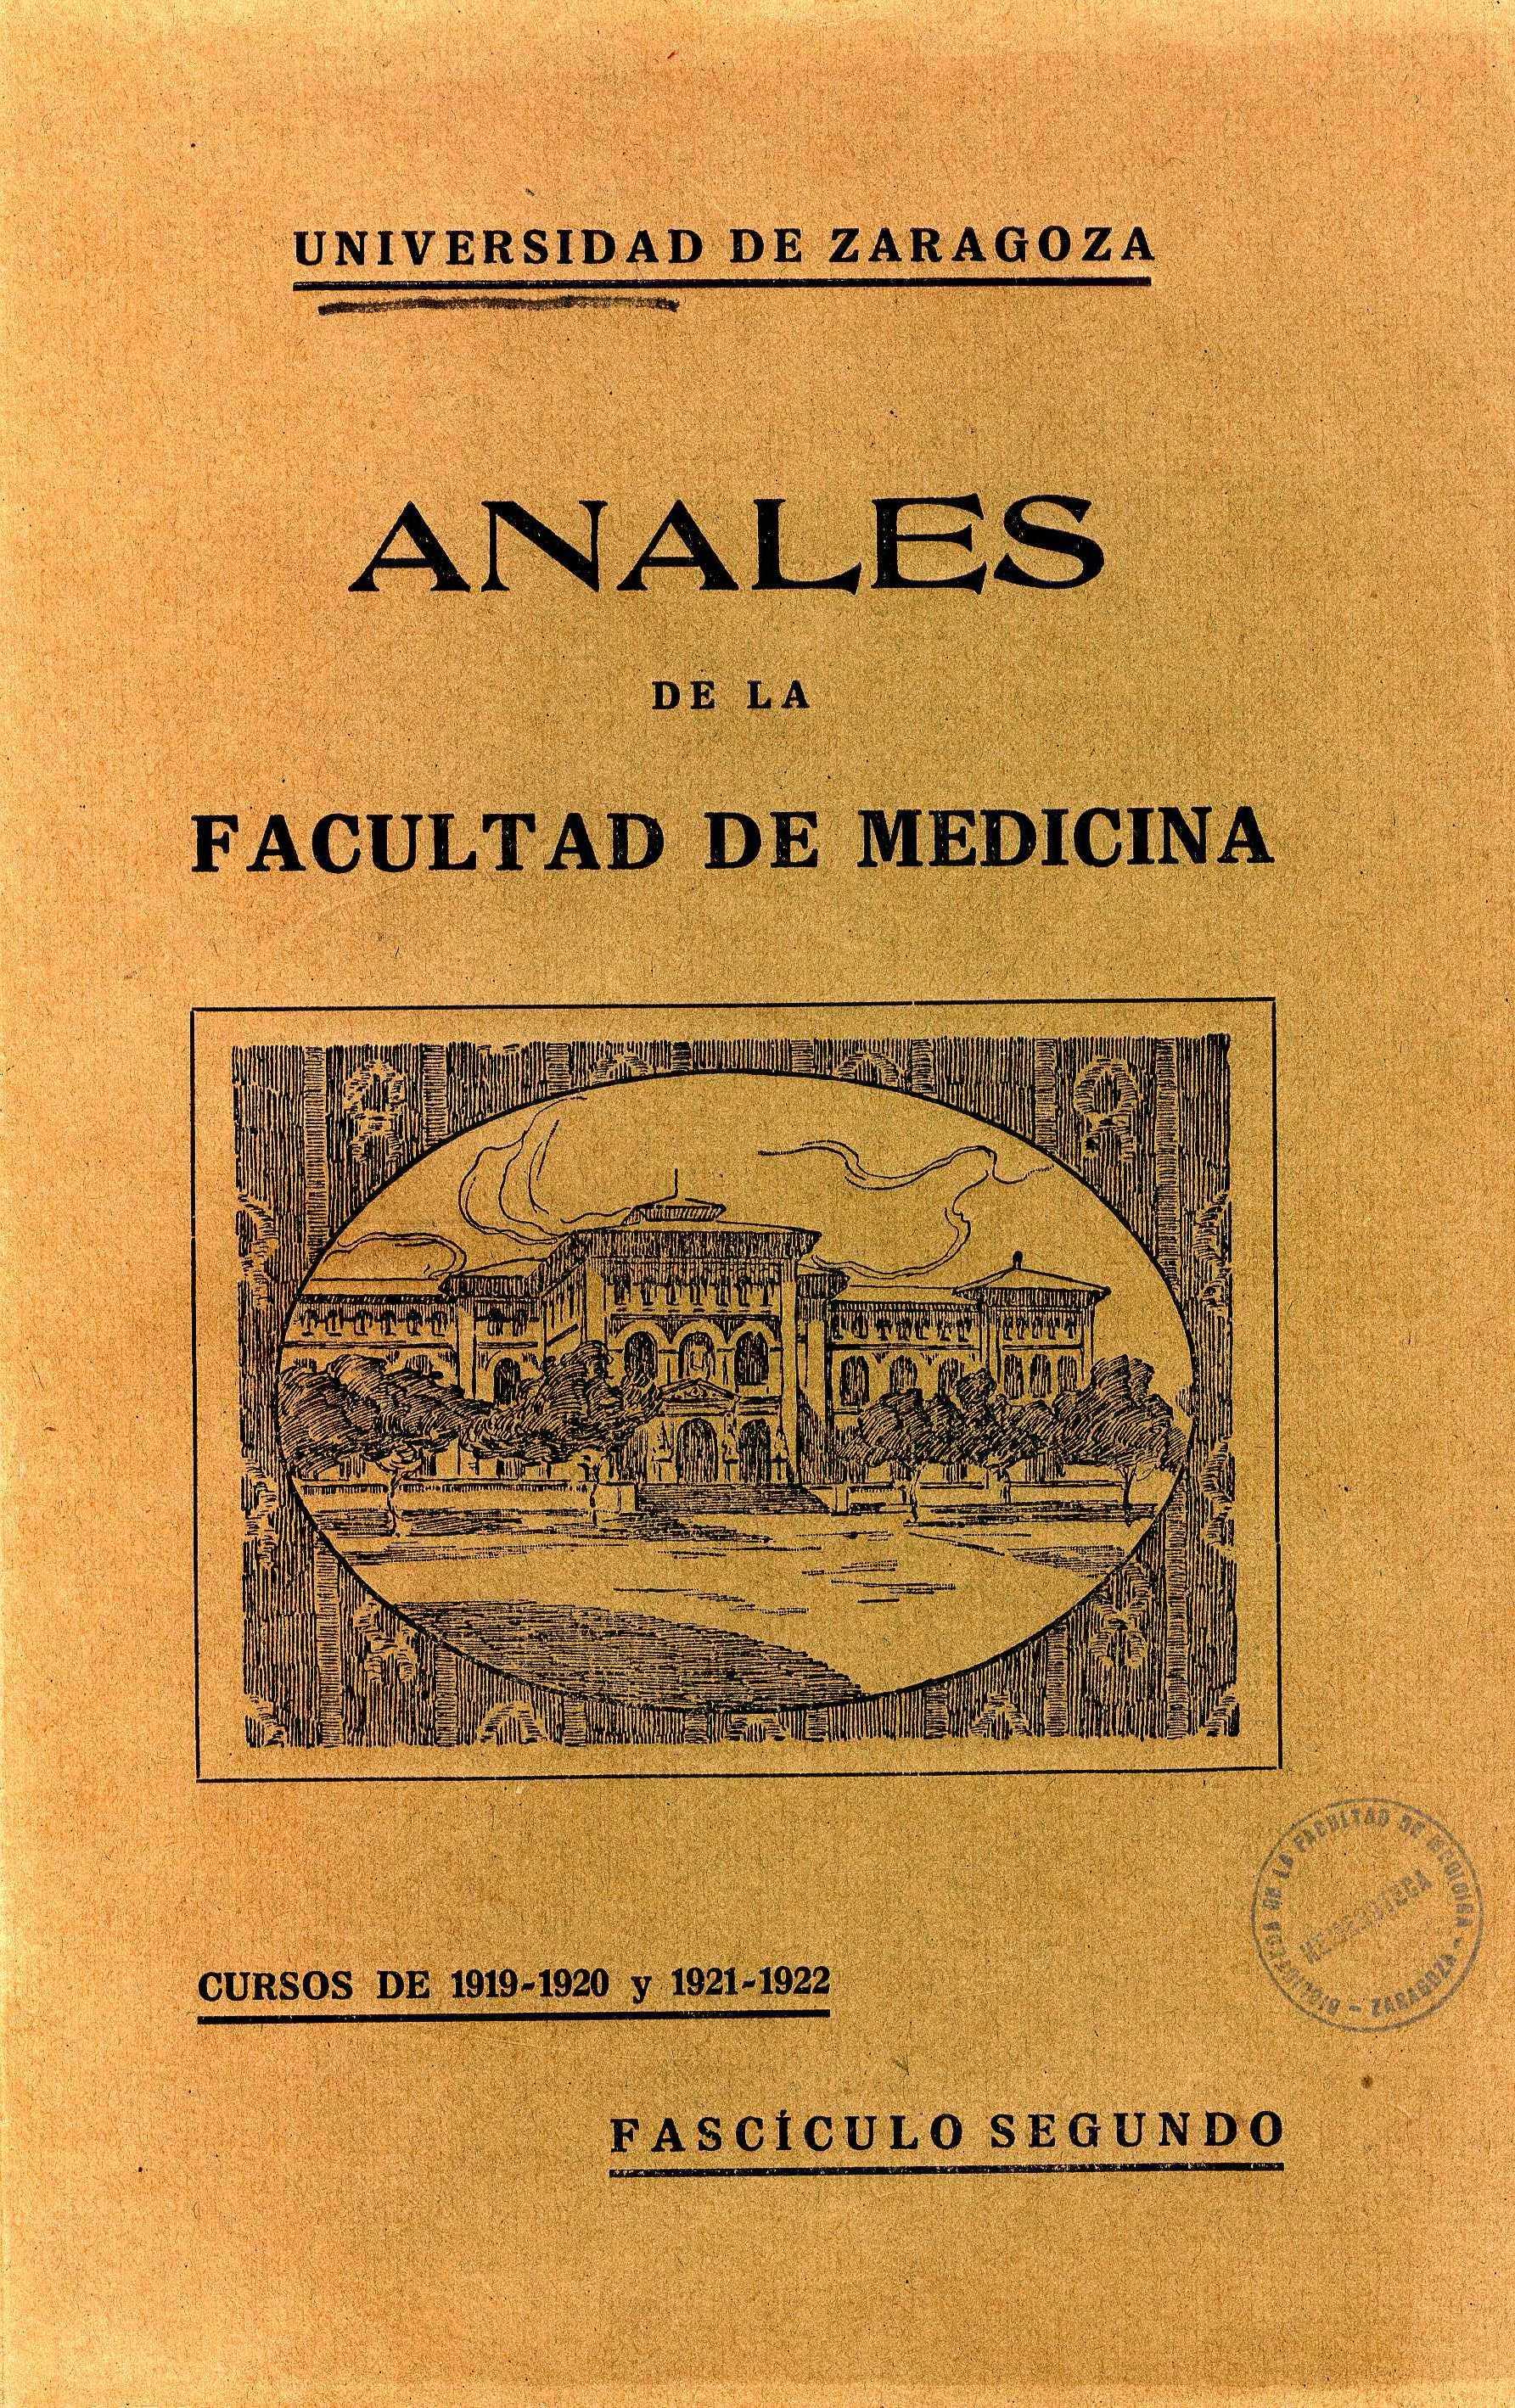 Anales de la Facultad de Medicina, fasc. 2,  (1919-22)